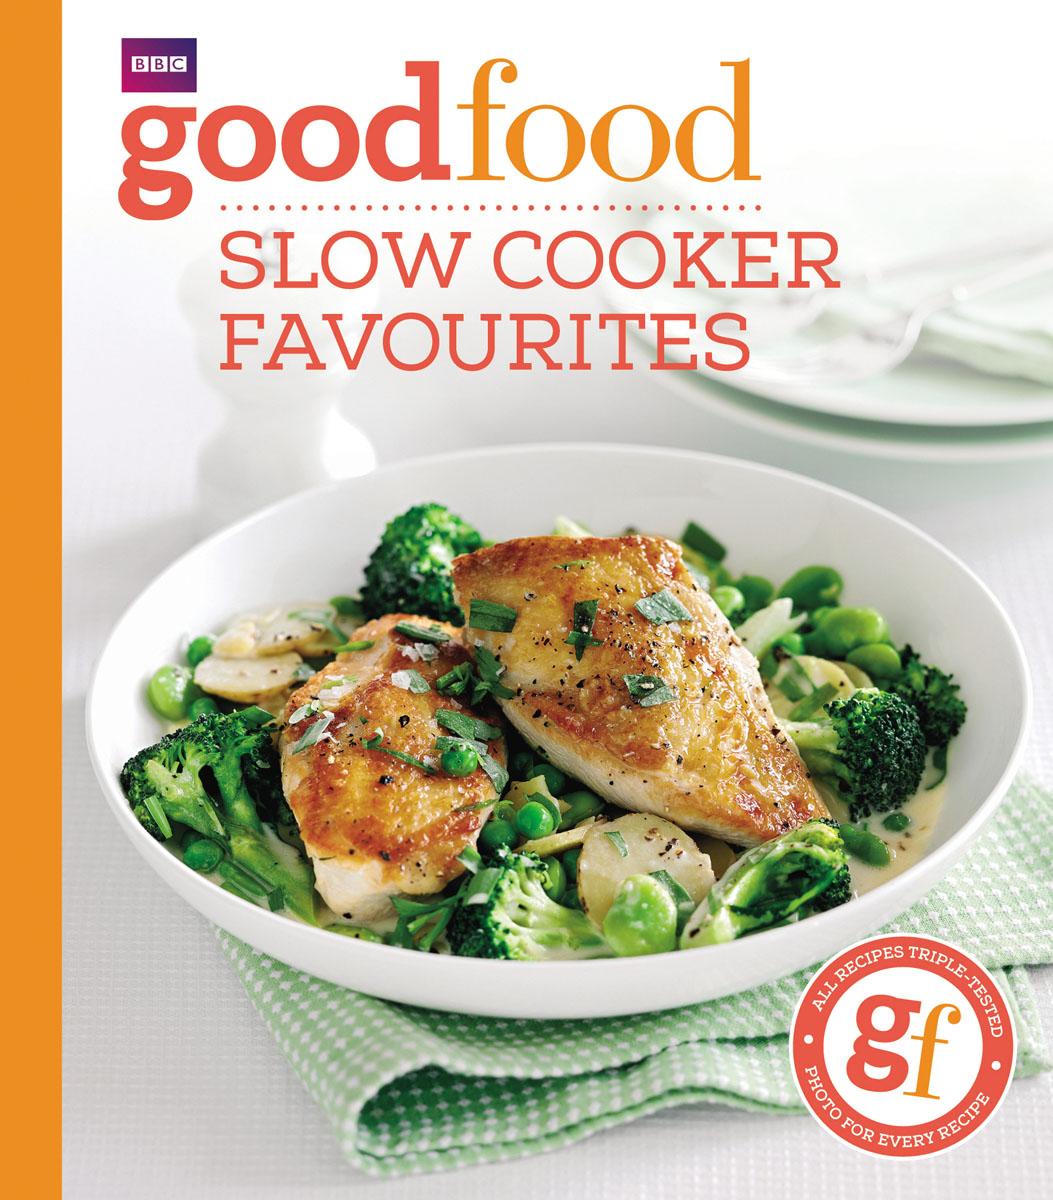 Cook, Sarah. Good Food: Slow cooker favourites